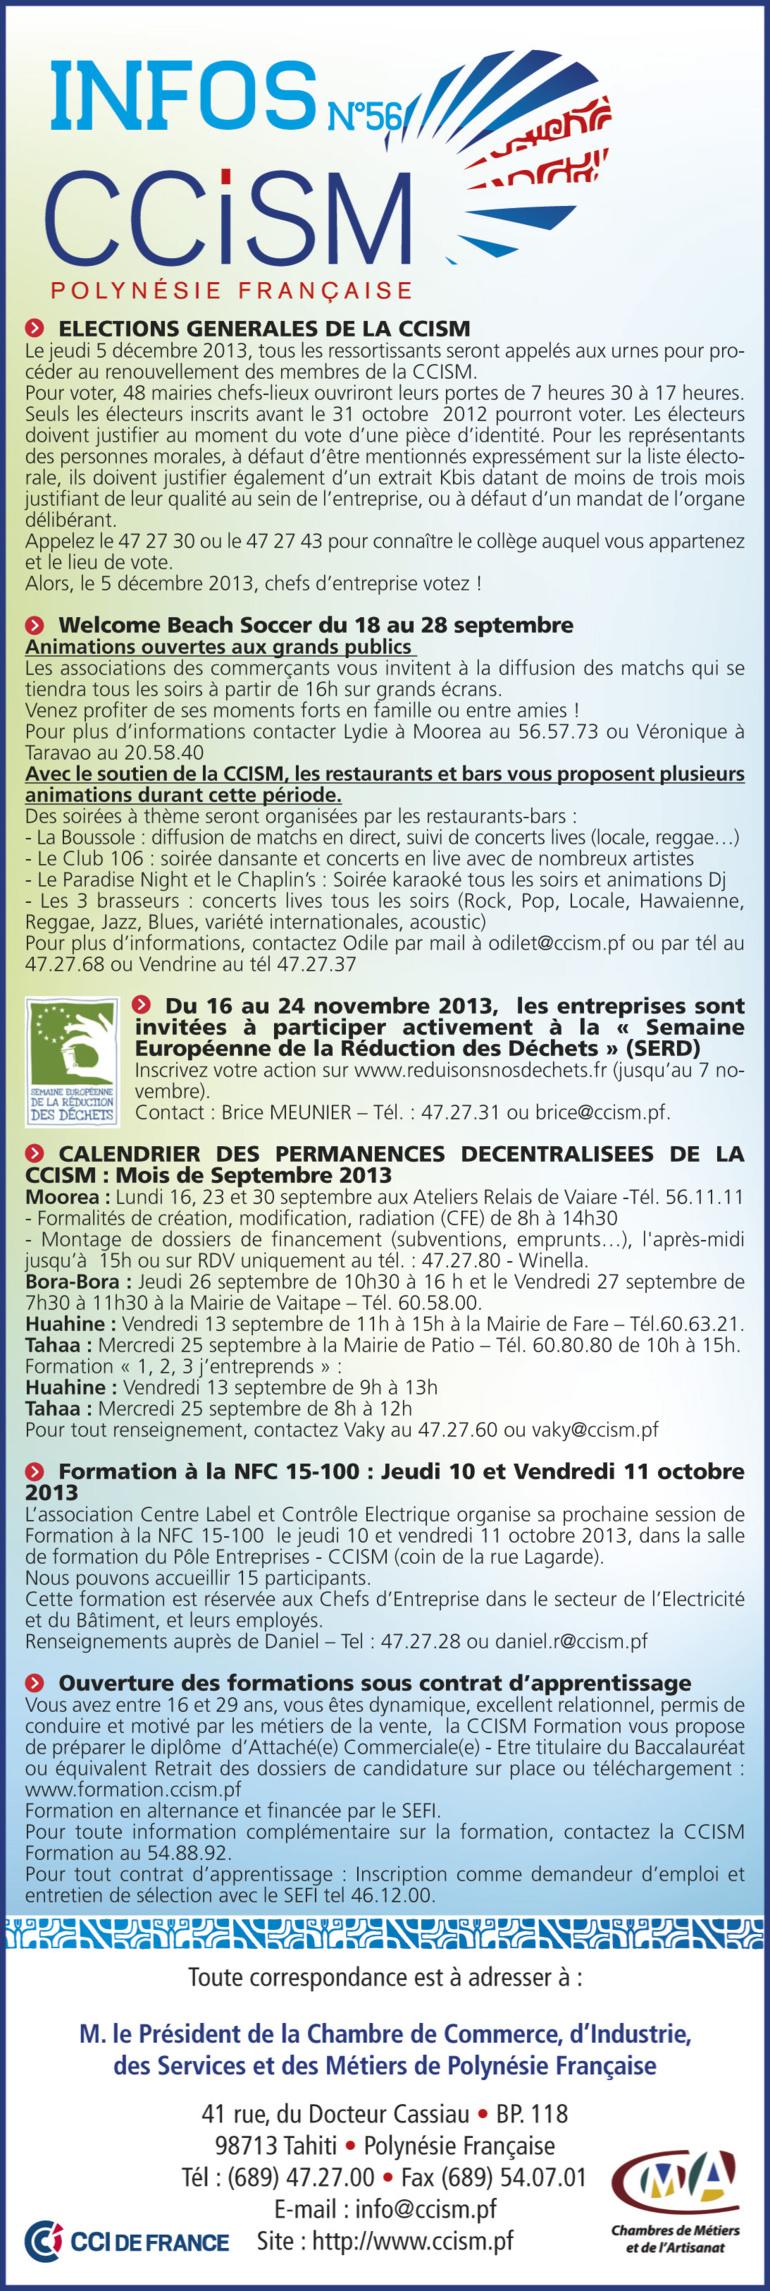 Infos CCISM N°56